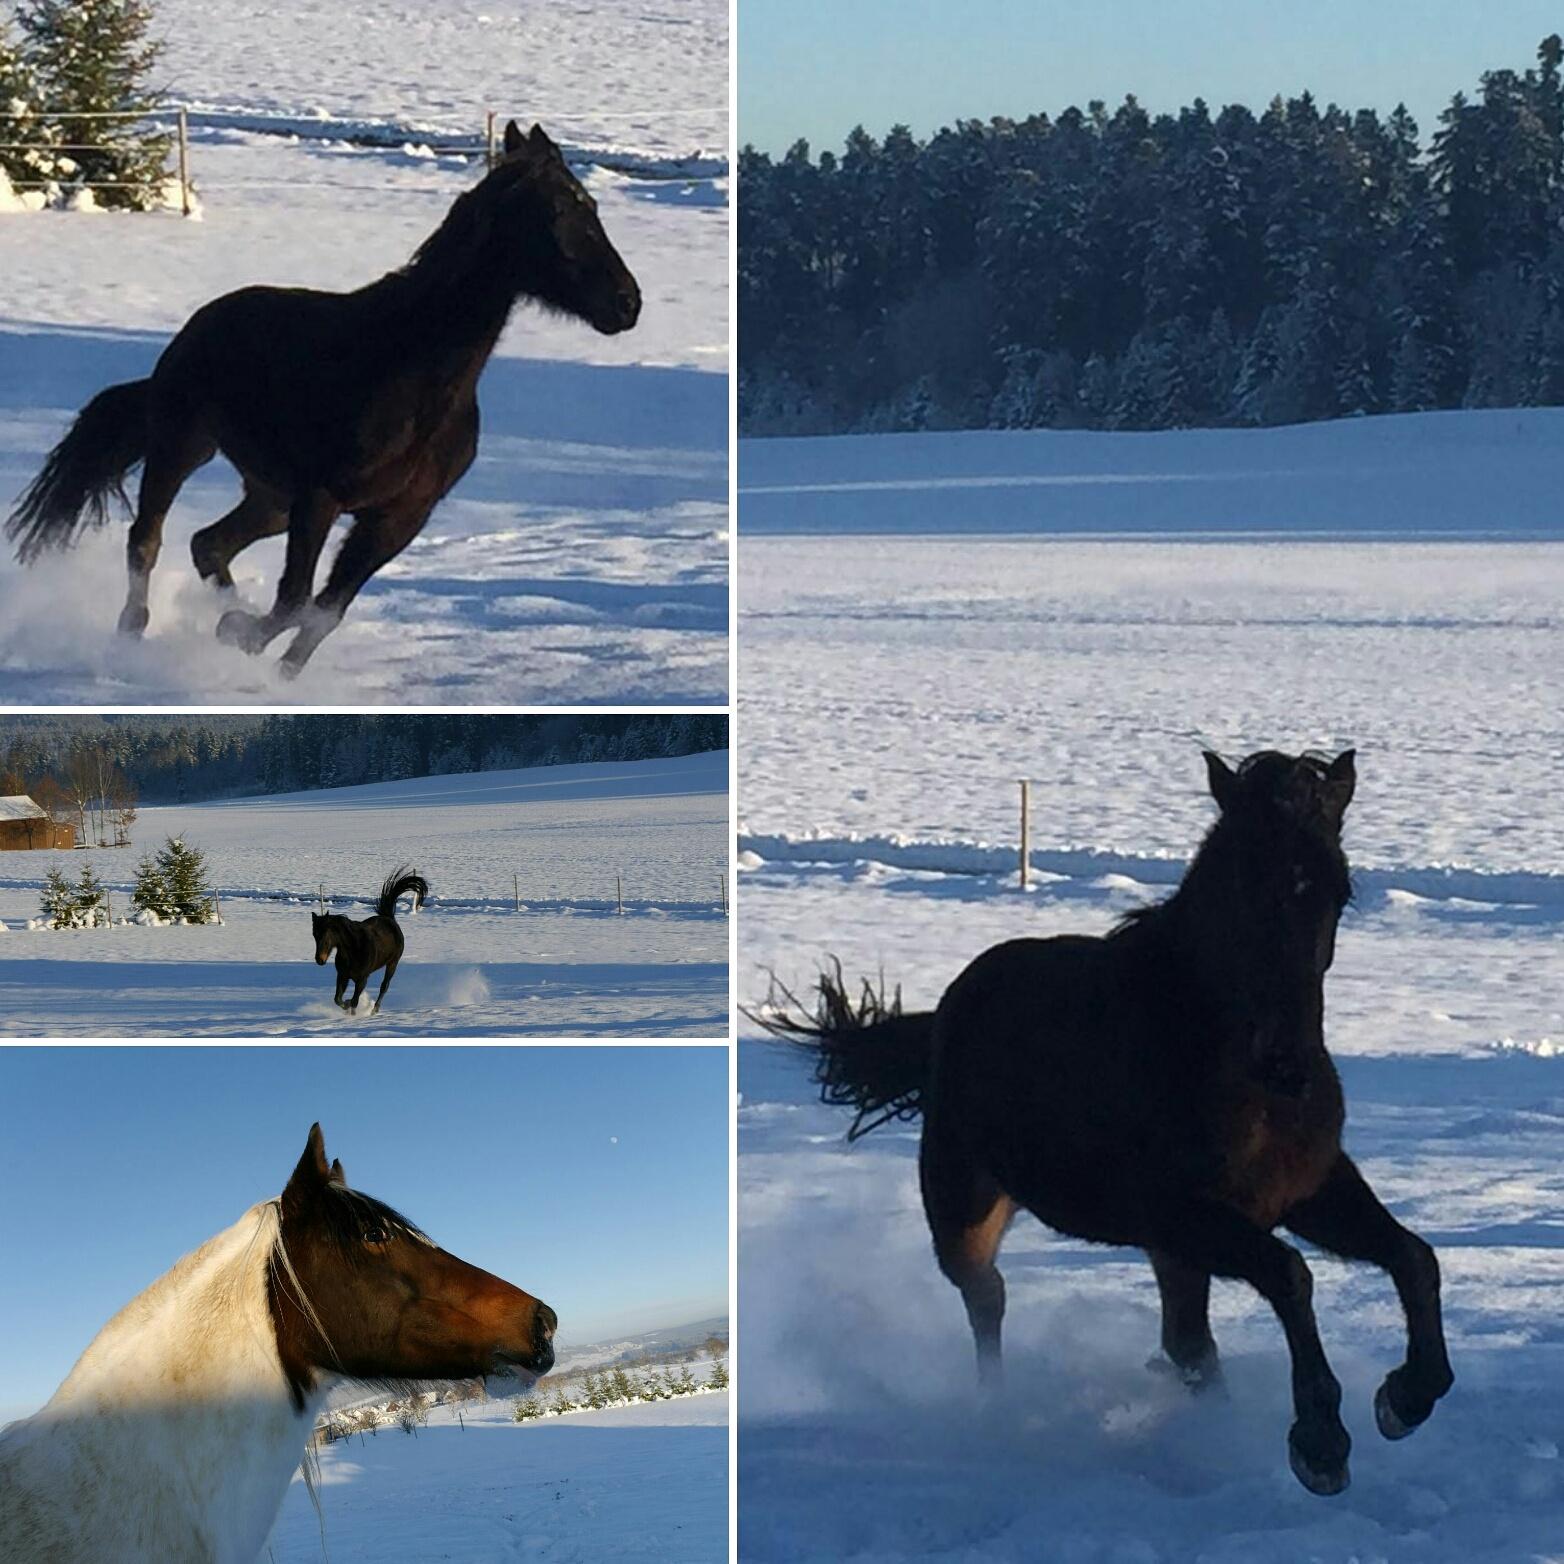 die Zwei haben auch ihren Spaß im Schnee